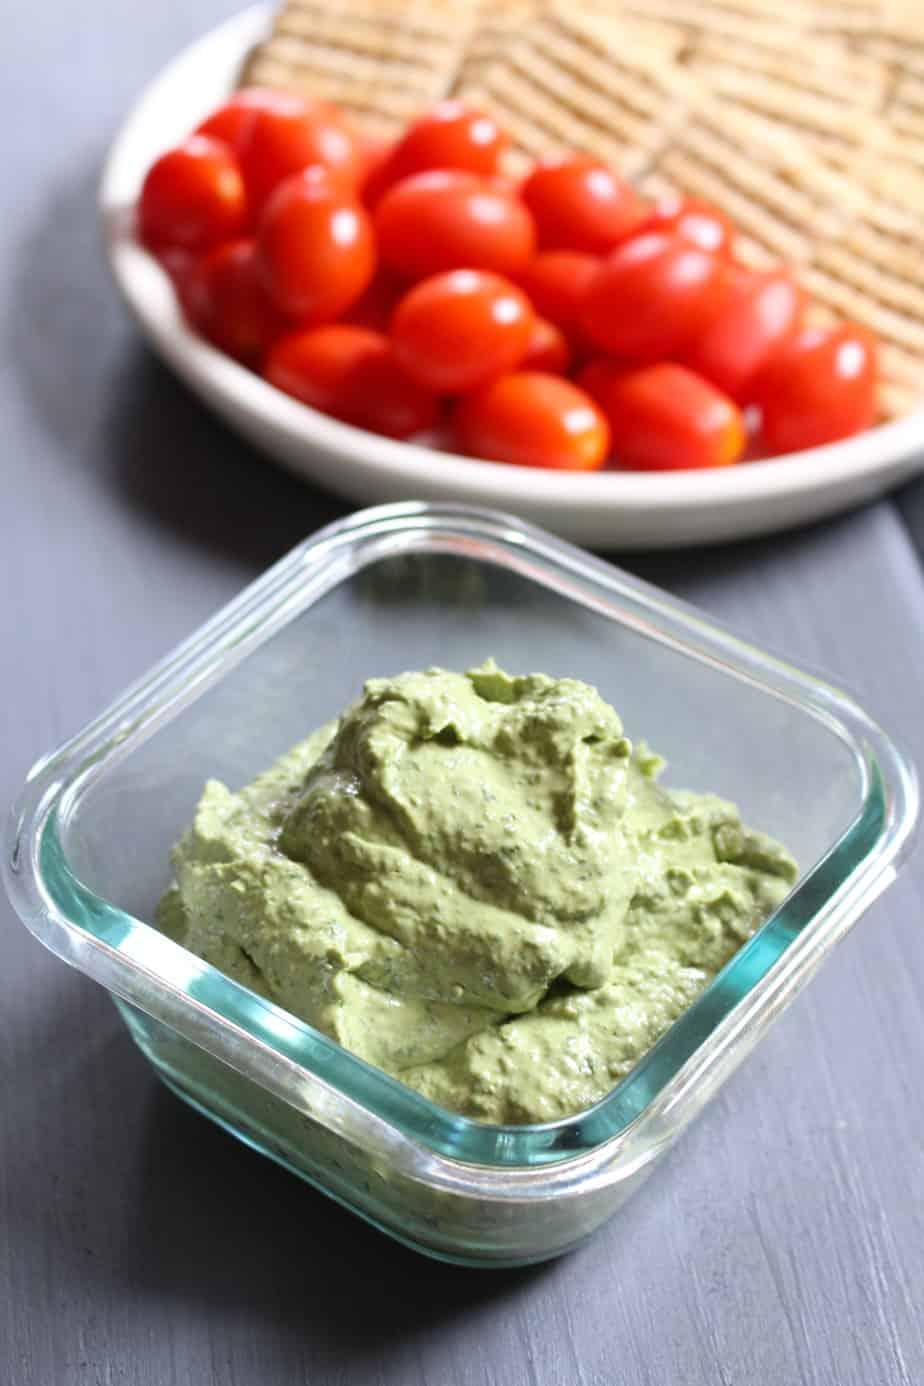 Simple 3-Ingredient Basil Cream Cheese Dip | Frugal Nutrition